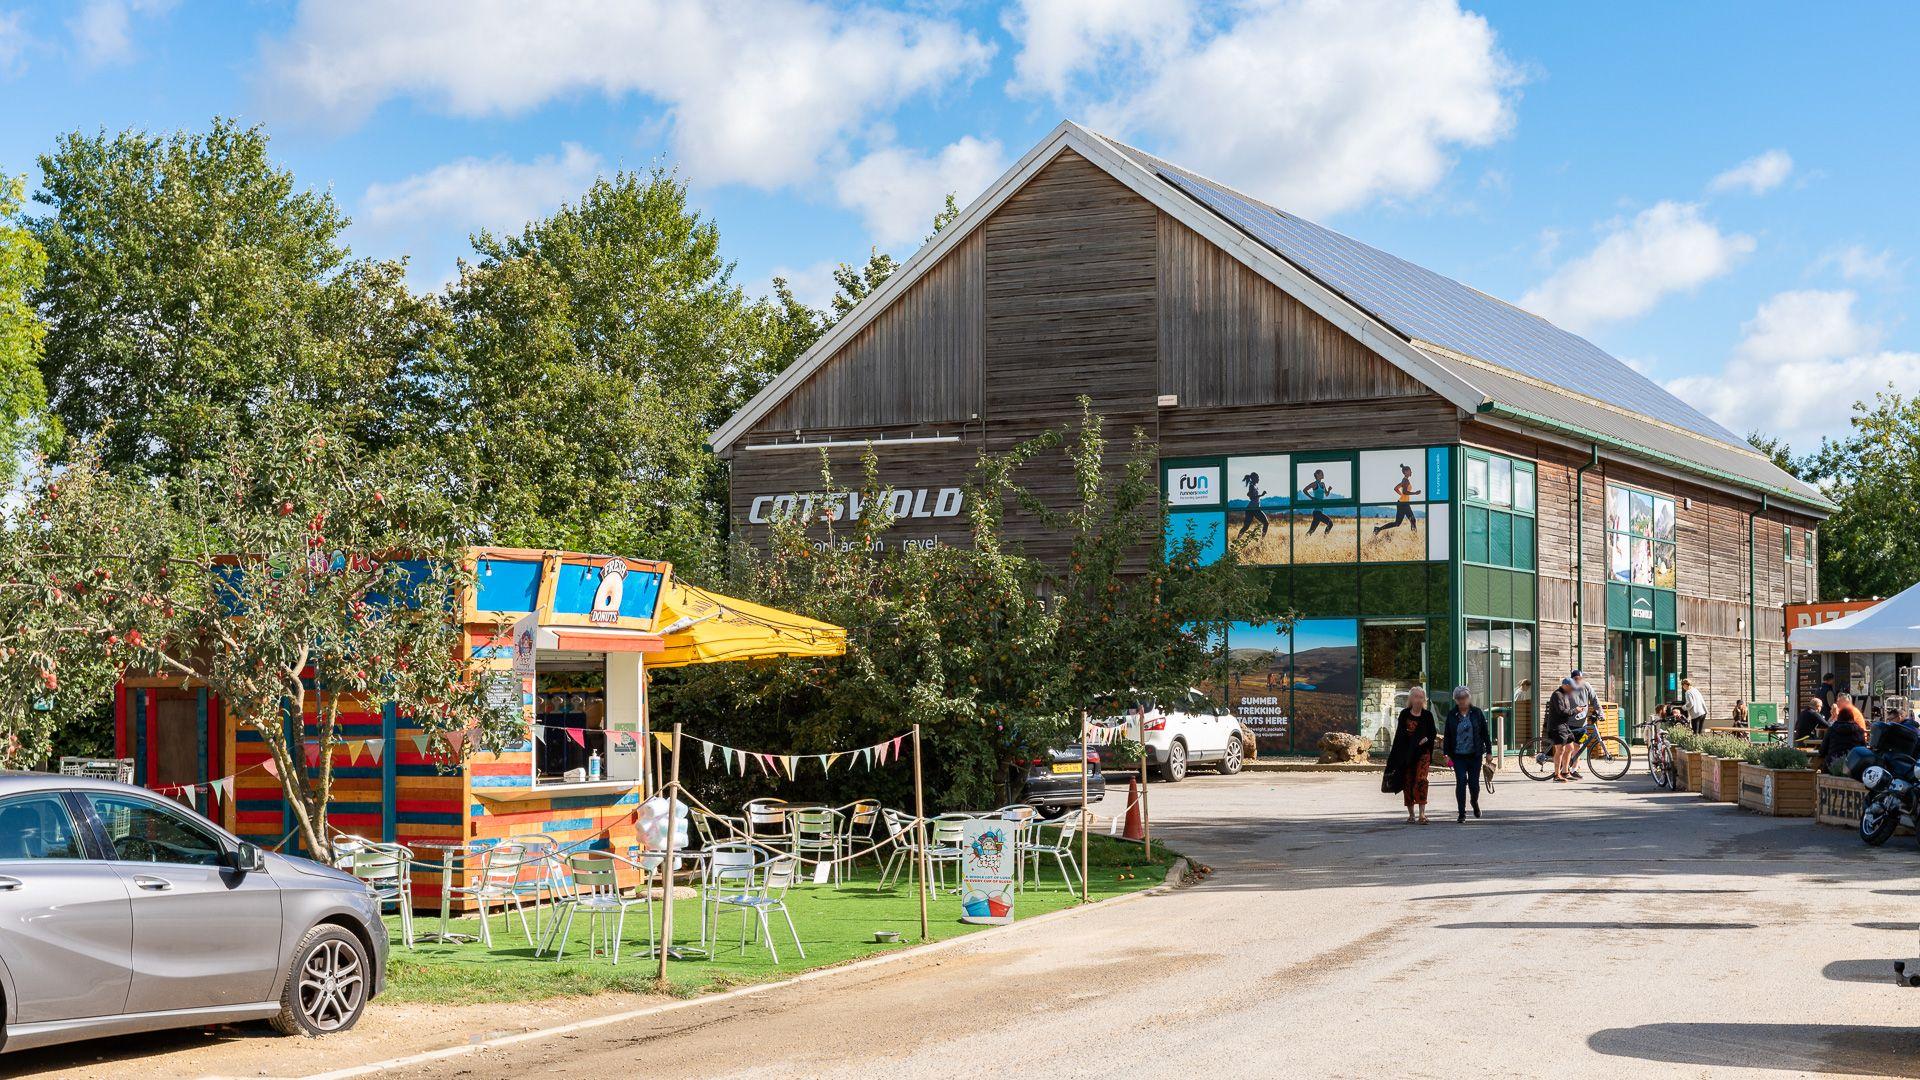 Cotswold Water Park Information Centre, shop and restaurants, Bolthole Retreats